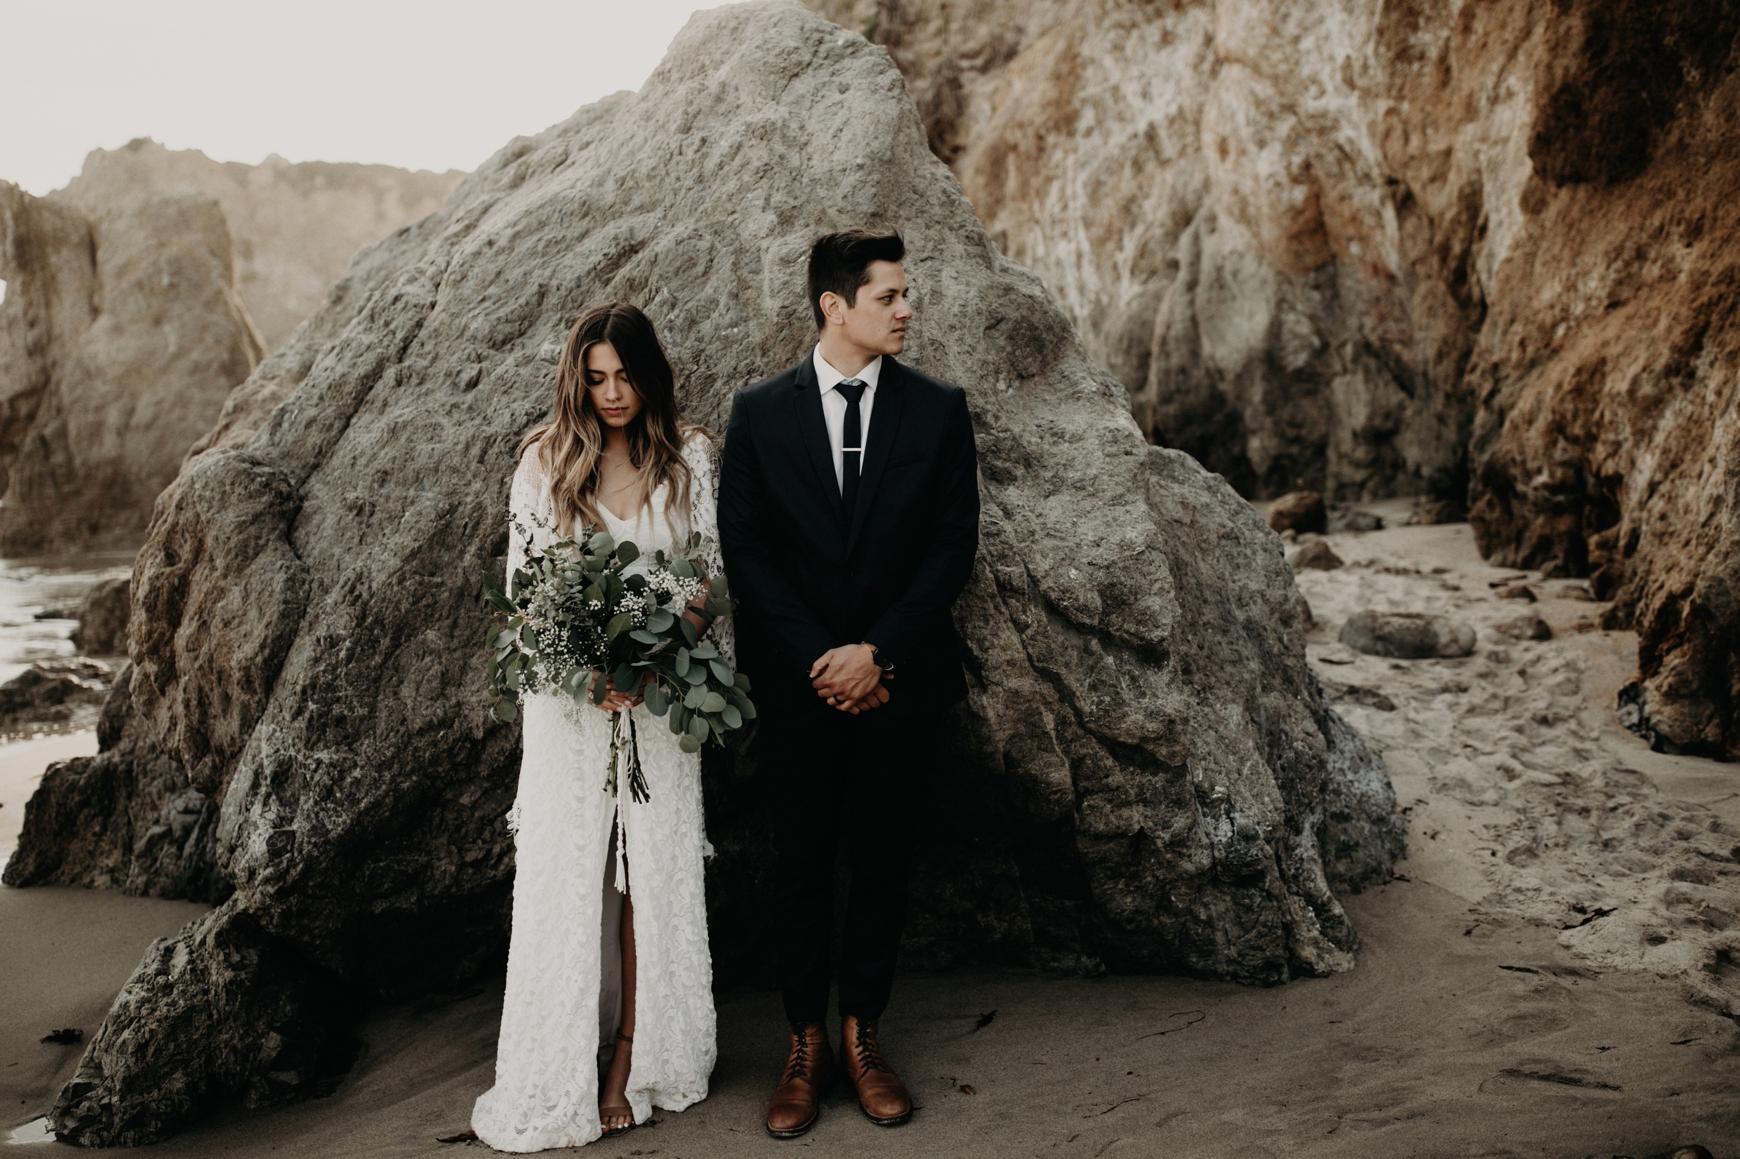 El Matador Beach Bridal Portraits Justellen & TJ Emily Magers Photography-204Emily Magers Photography.jpg